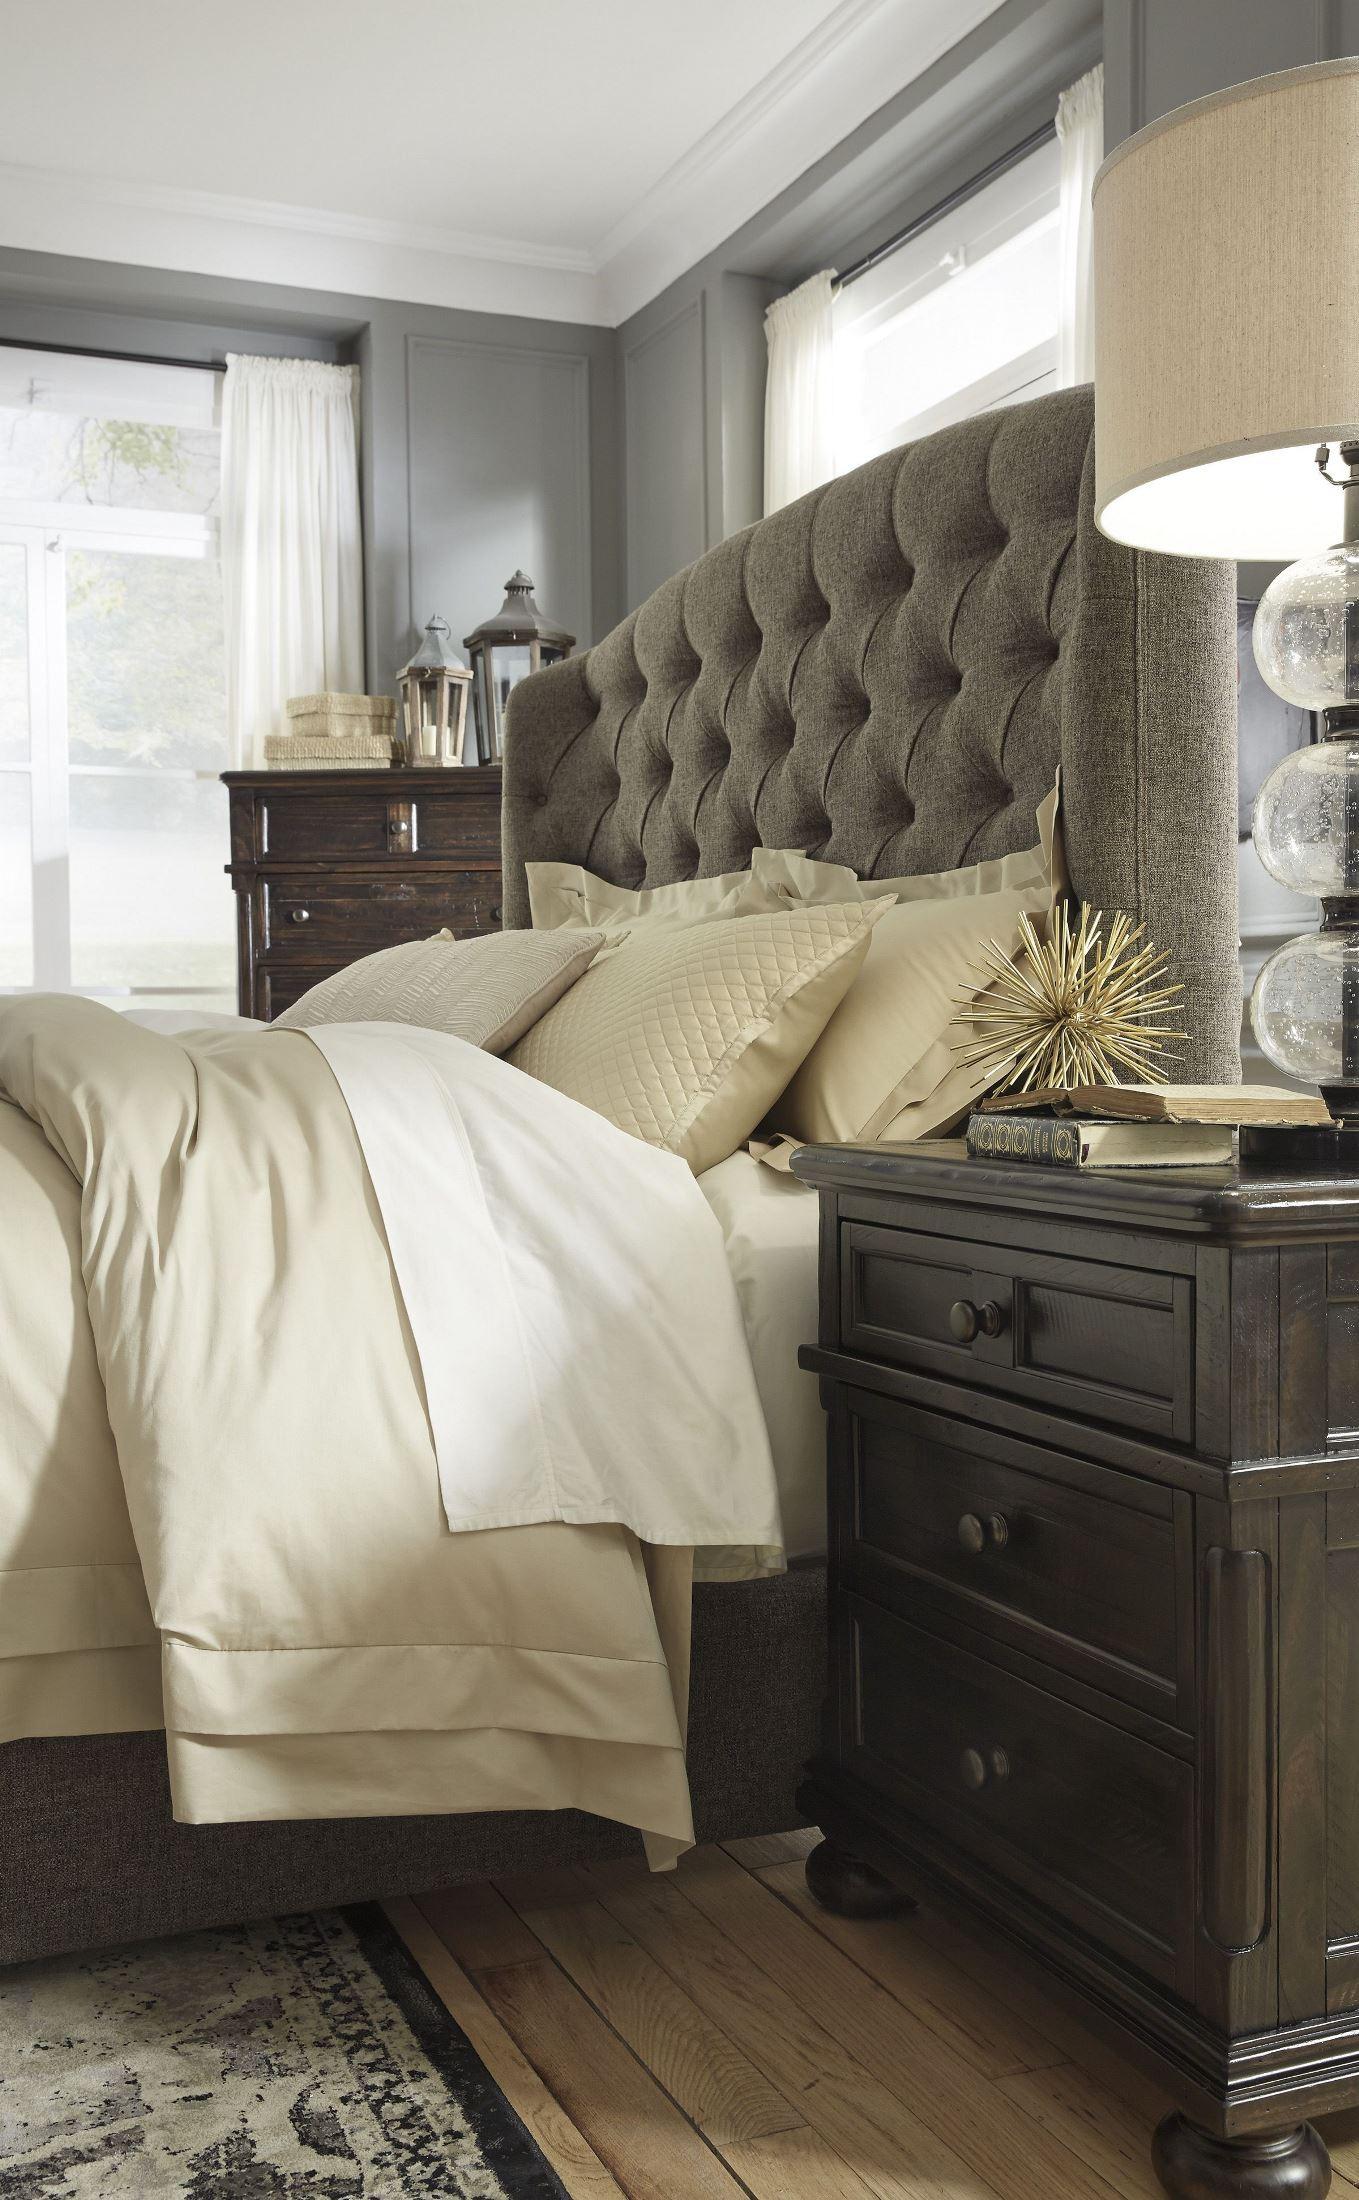 Windville King Bed